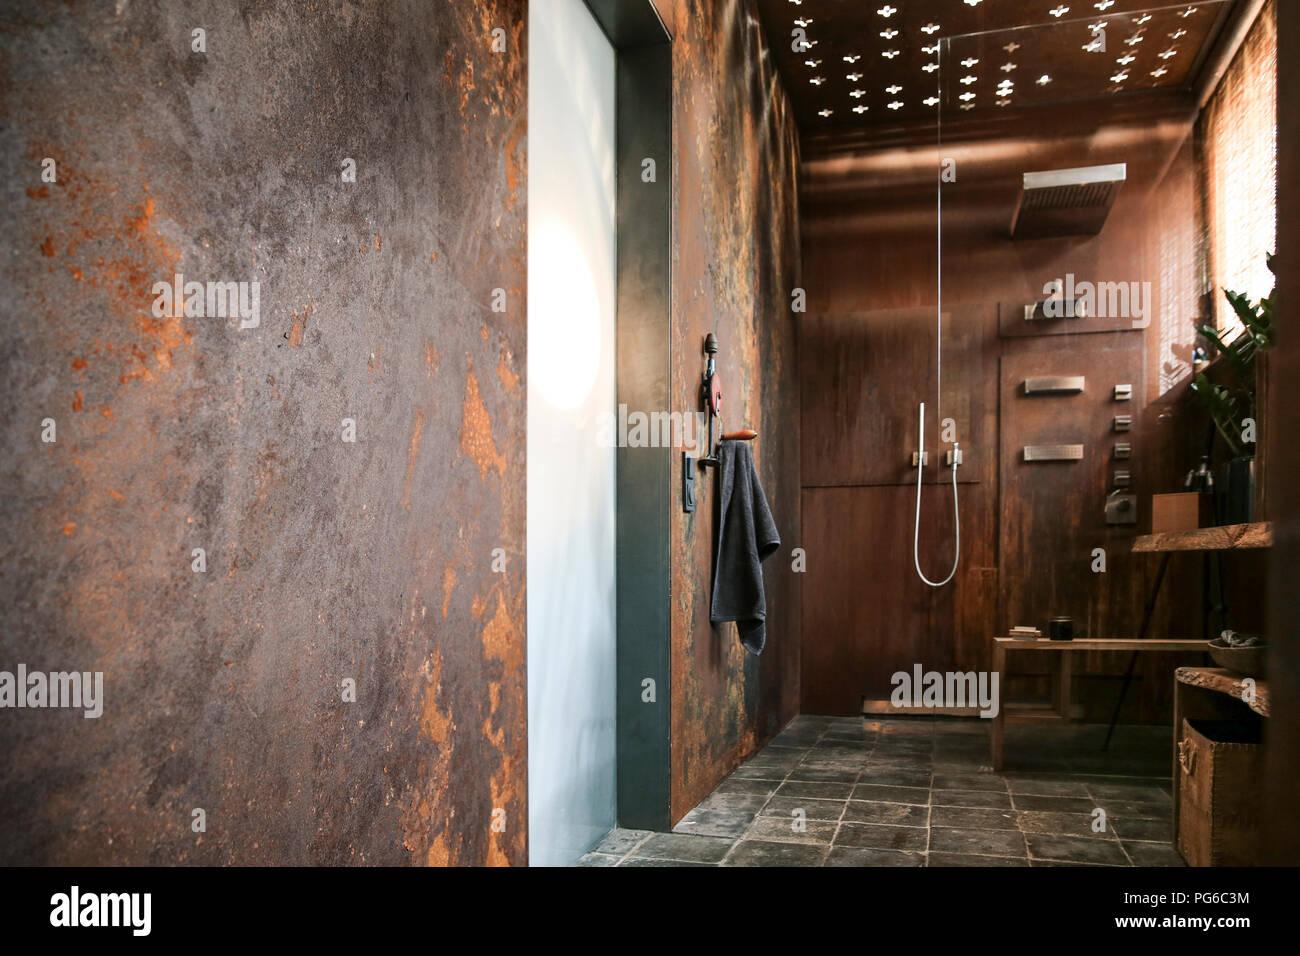 Bagno moderno con acciaio corten rivestimento pareti e soffitto